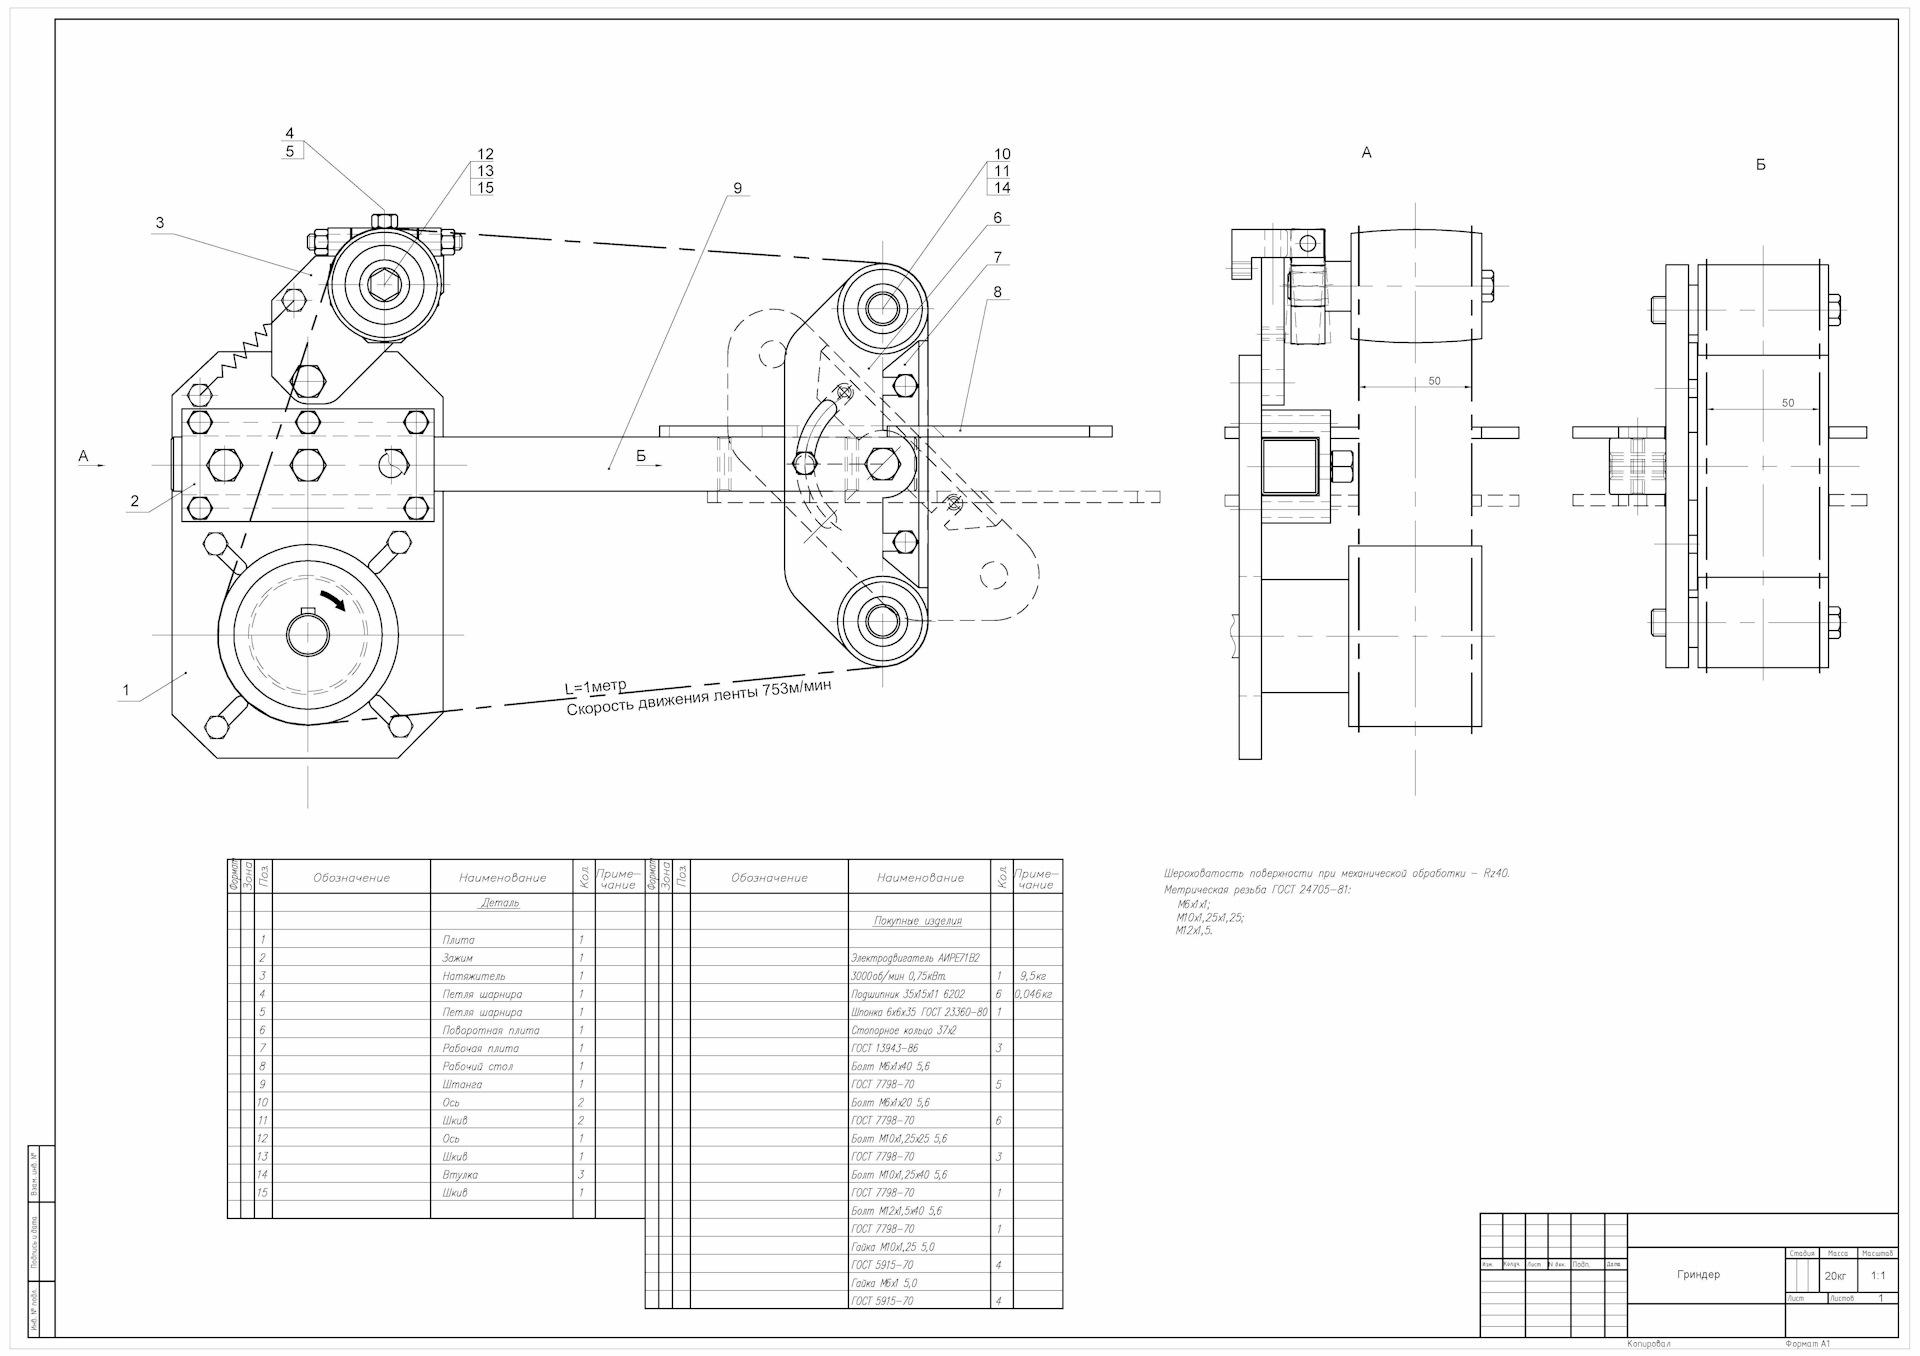 Гриндер из электродвигателя: инструменты, материалы, пошаговая инструкция с чертежами и фотопримерами